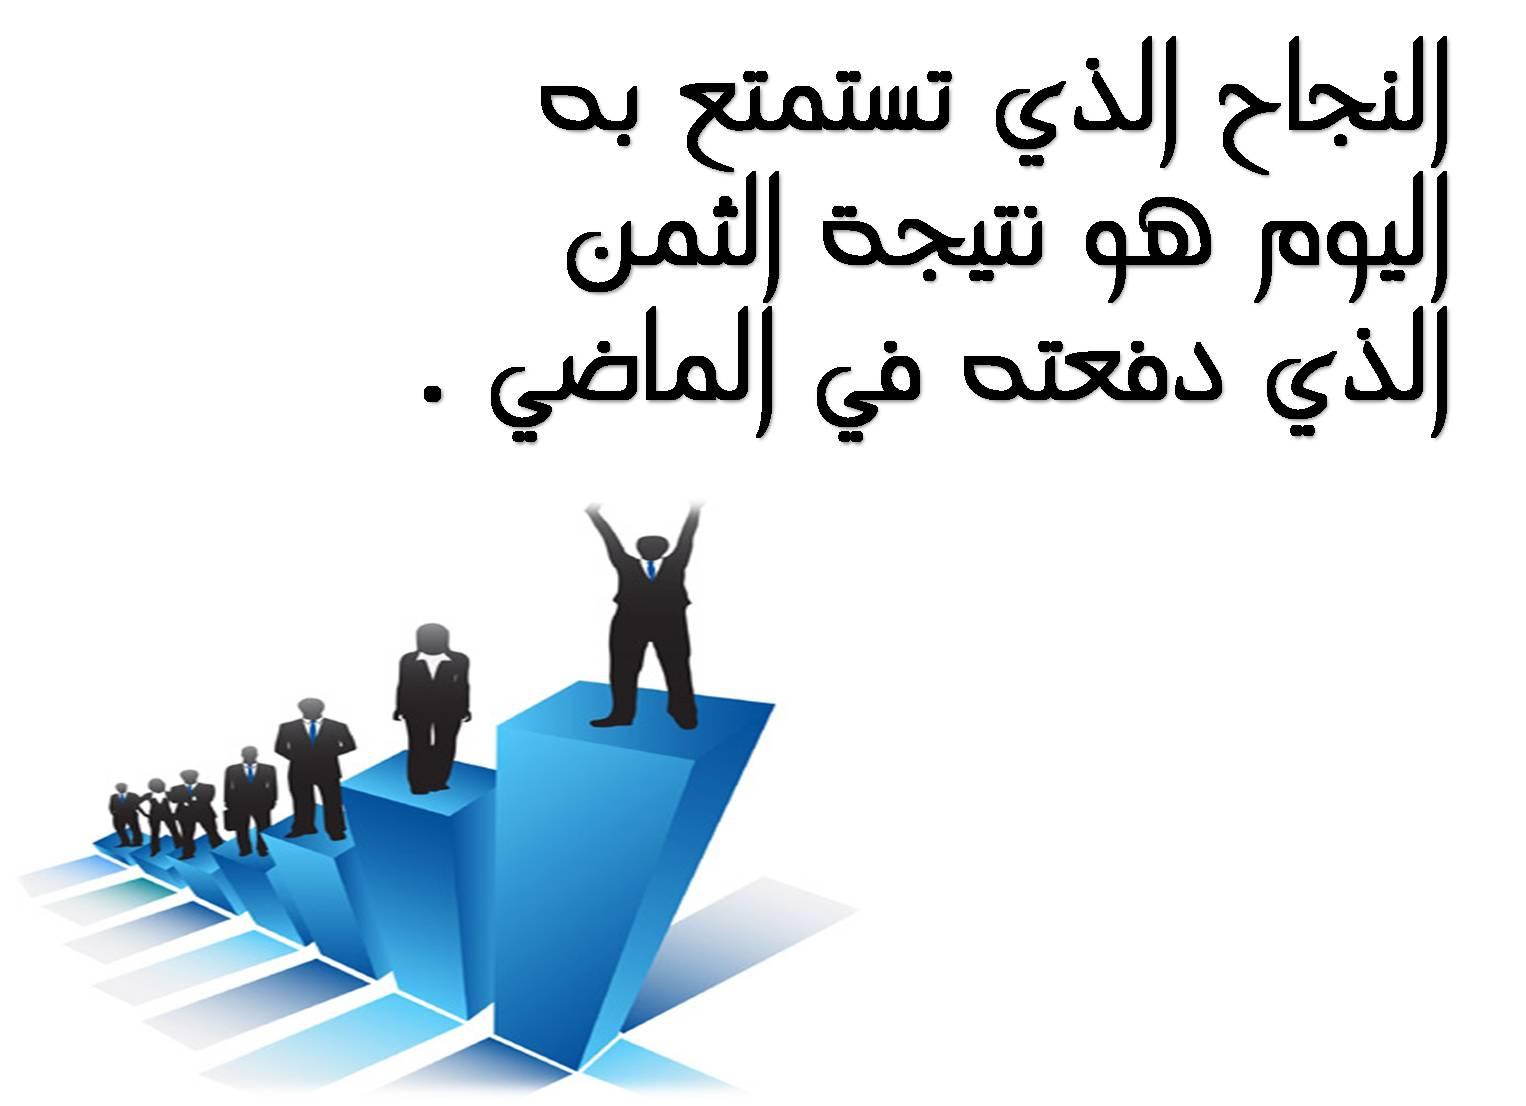 بالصور حكم عن النجاح , اجمل العبارات عن النجاح 4955 6